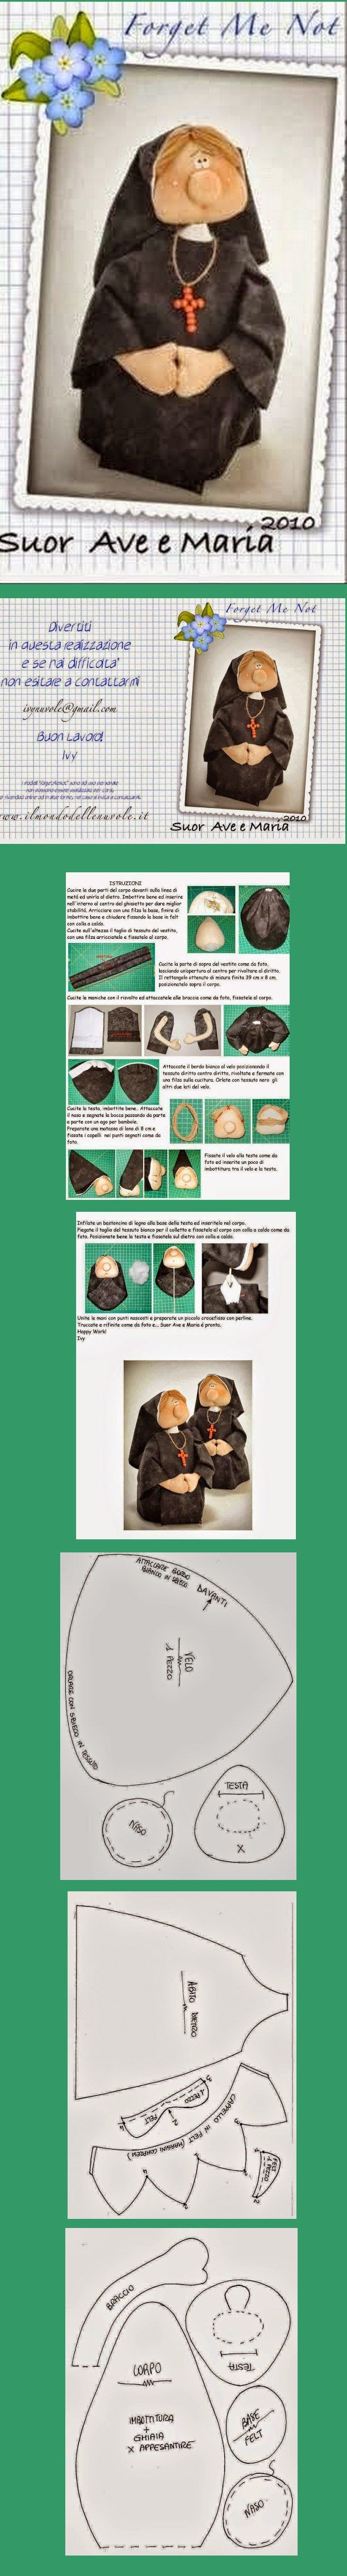 free pattern ...Nims...https://www.pinterest.com/marialao/patterns-tutorials-cloth-dolls-wood-dolls/